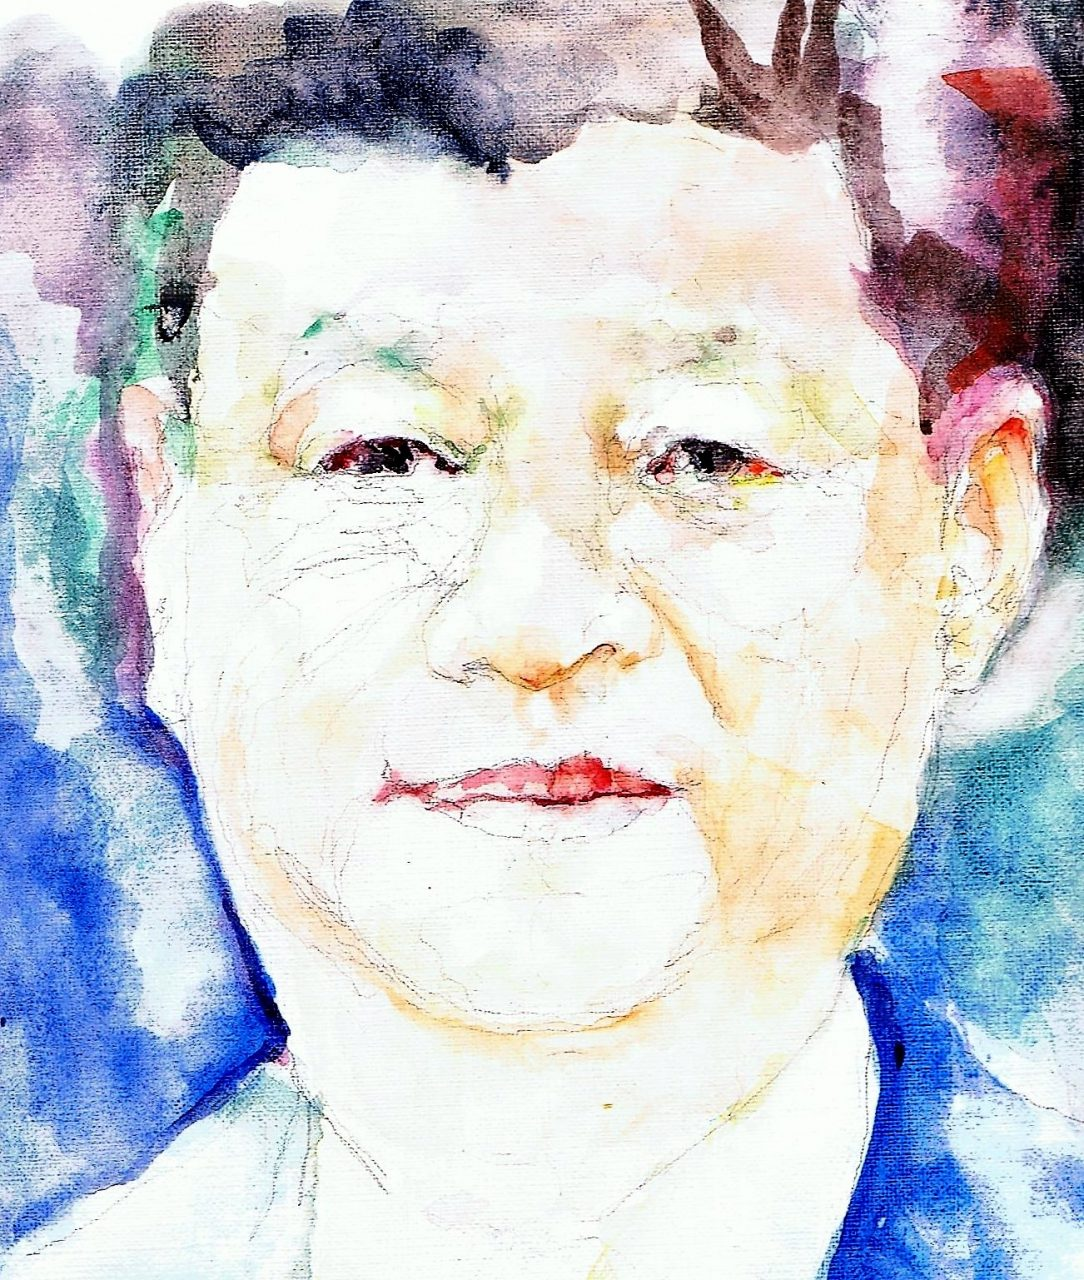 365 dagen een portret Xi Linping , president China Aquarel 19c25